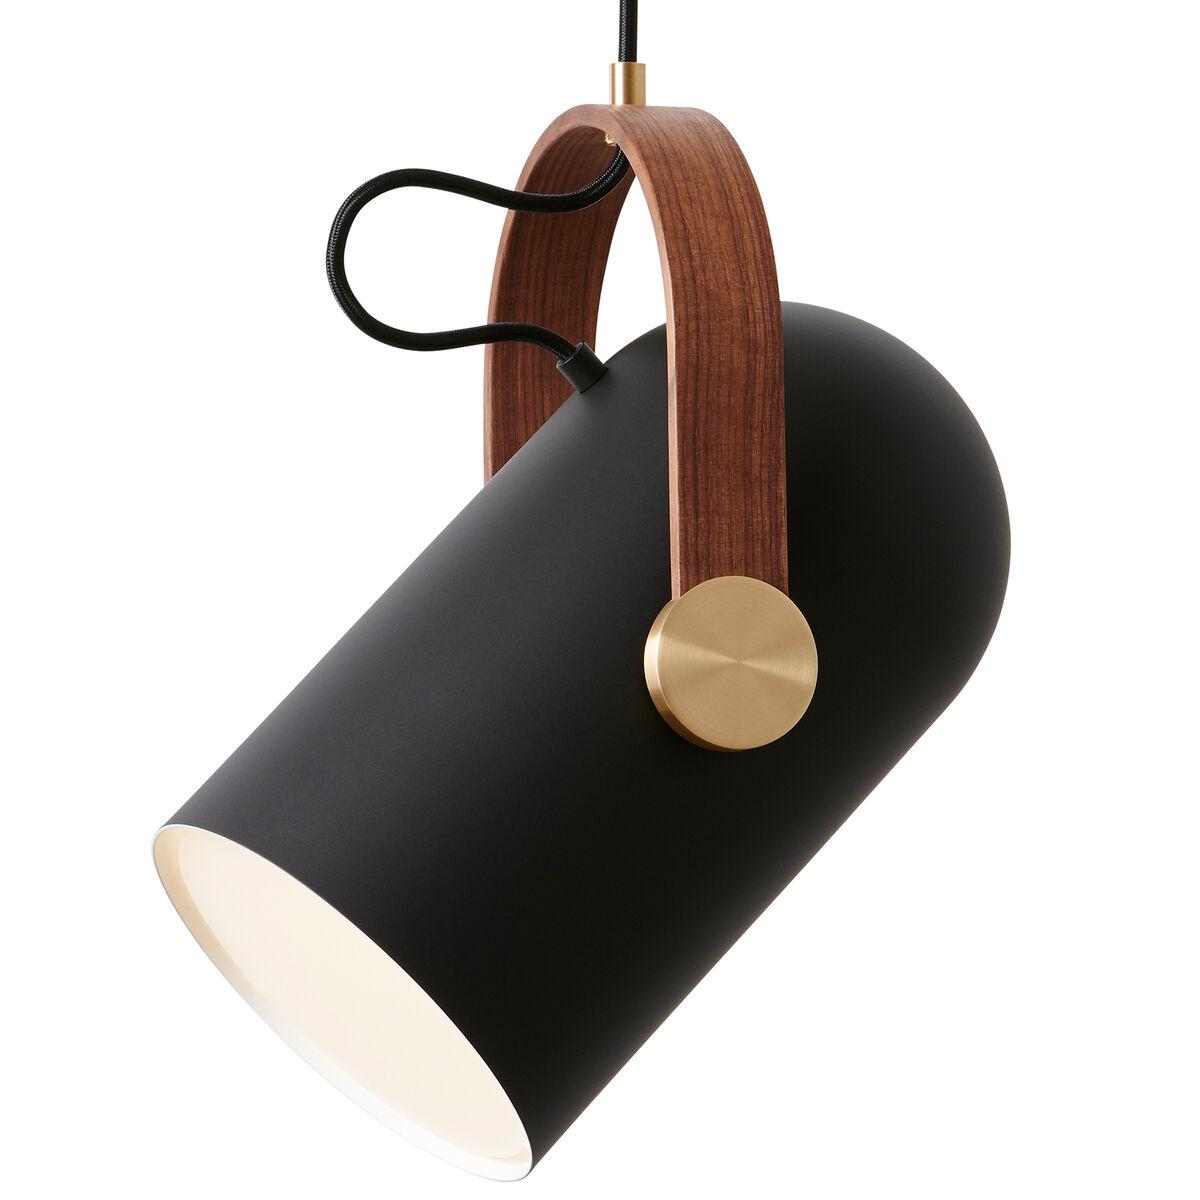 Le Klint Carronade 160 riippuvalaisin, keskikokoinen, musta